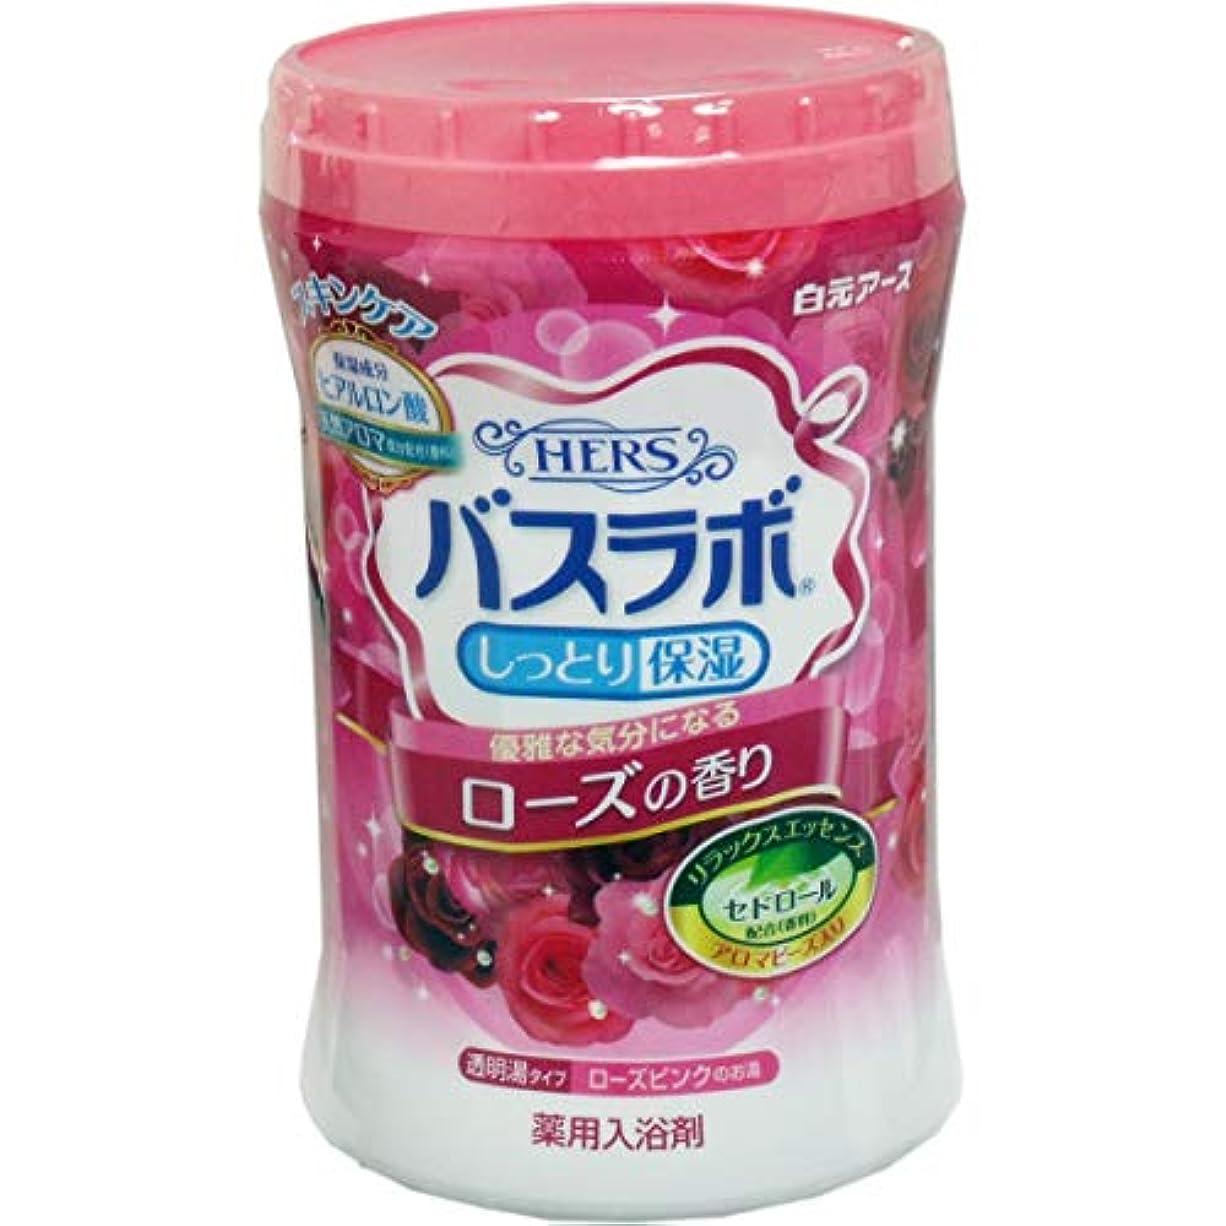 白元 HERSバスラボ しっとり保湿 薬用入浴剤 ローズの香り 680g 1ケース15個